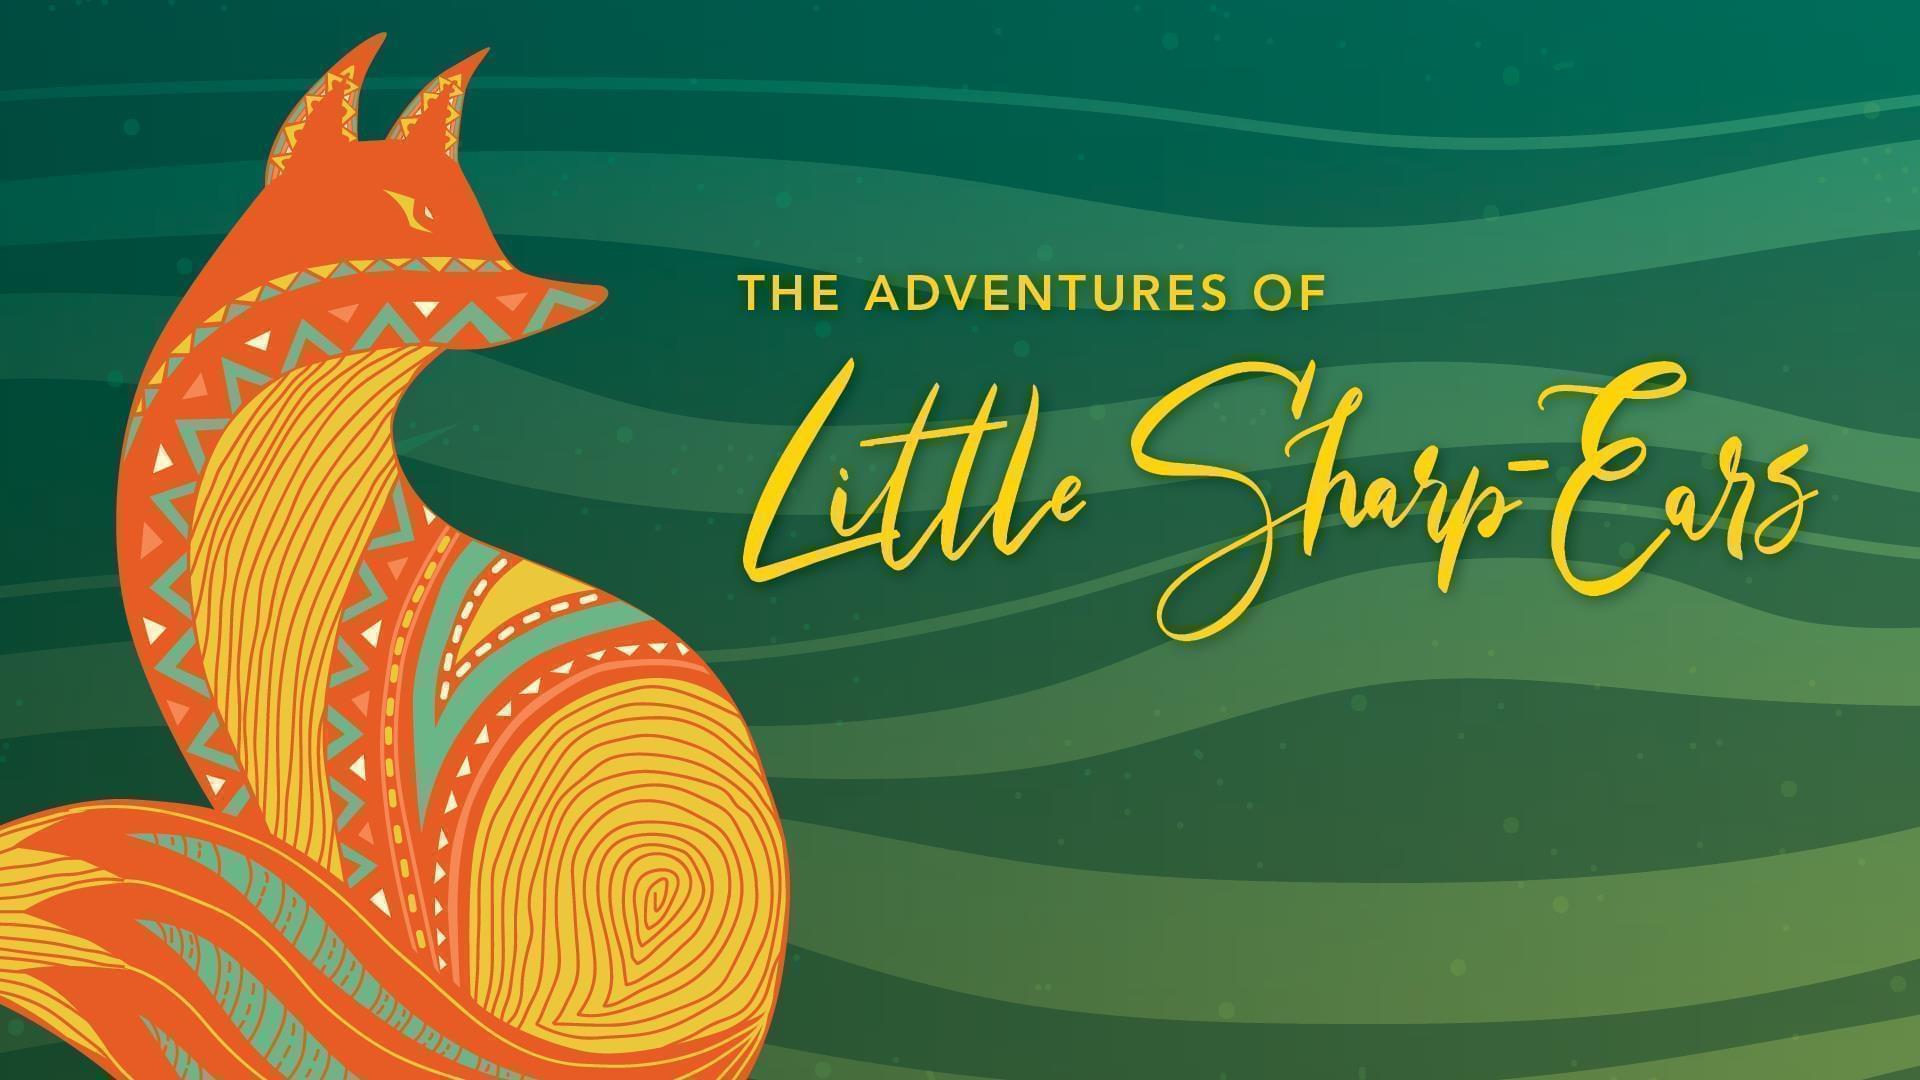 Poster art for The Adventures of Little Sharp Ears